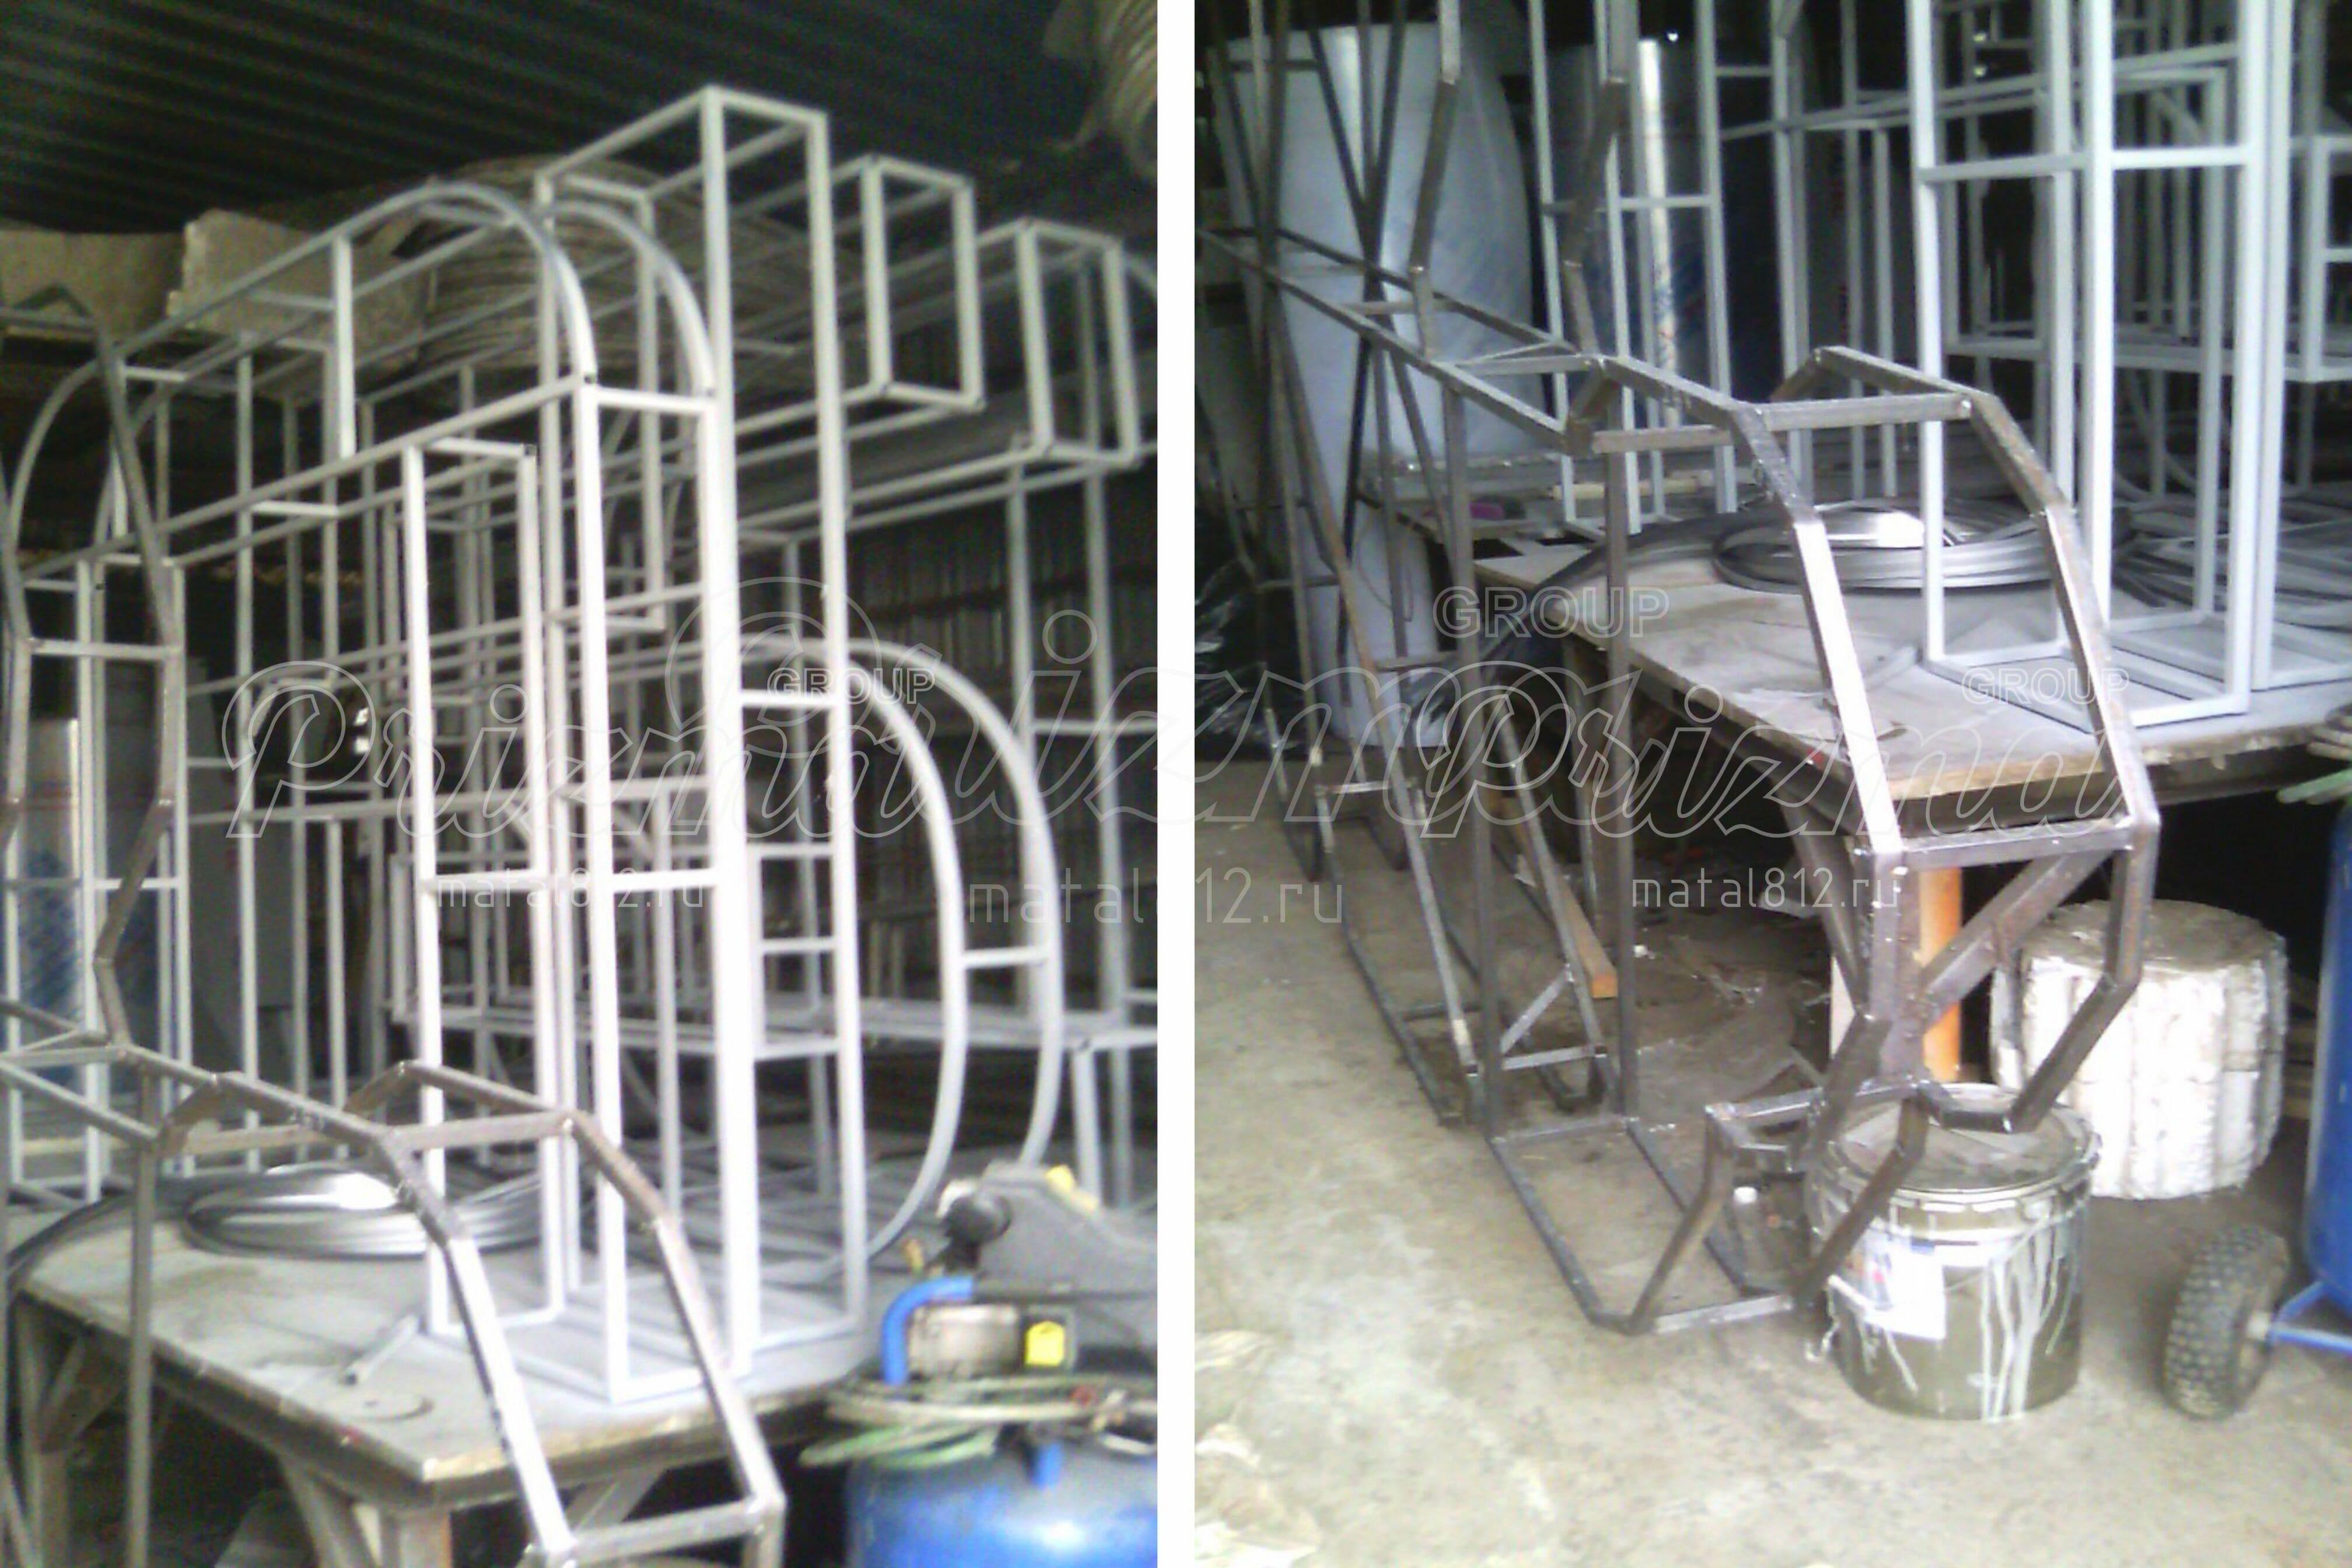 Изготовление металлических рам для объёмных букв и световых коробов.